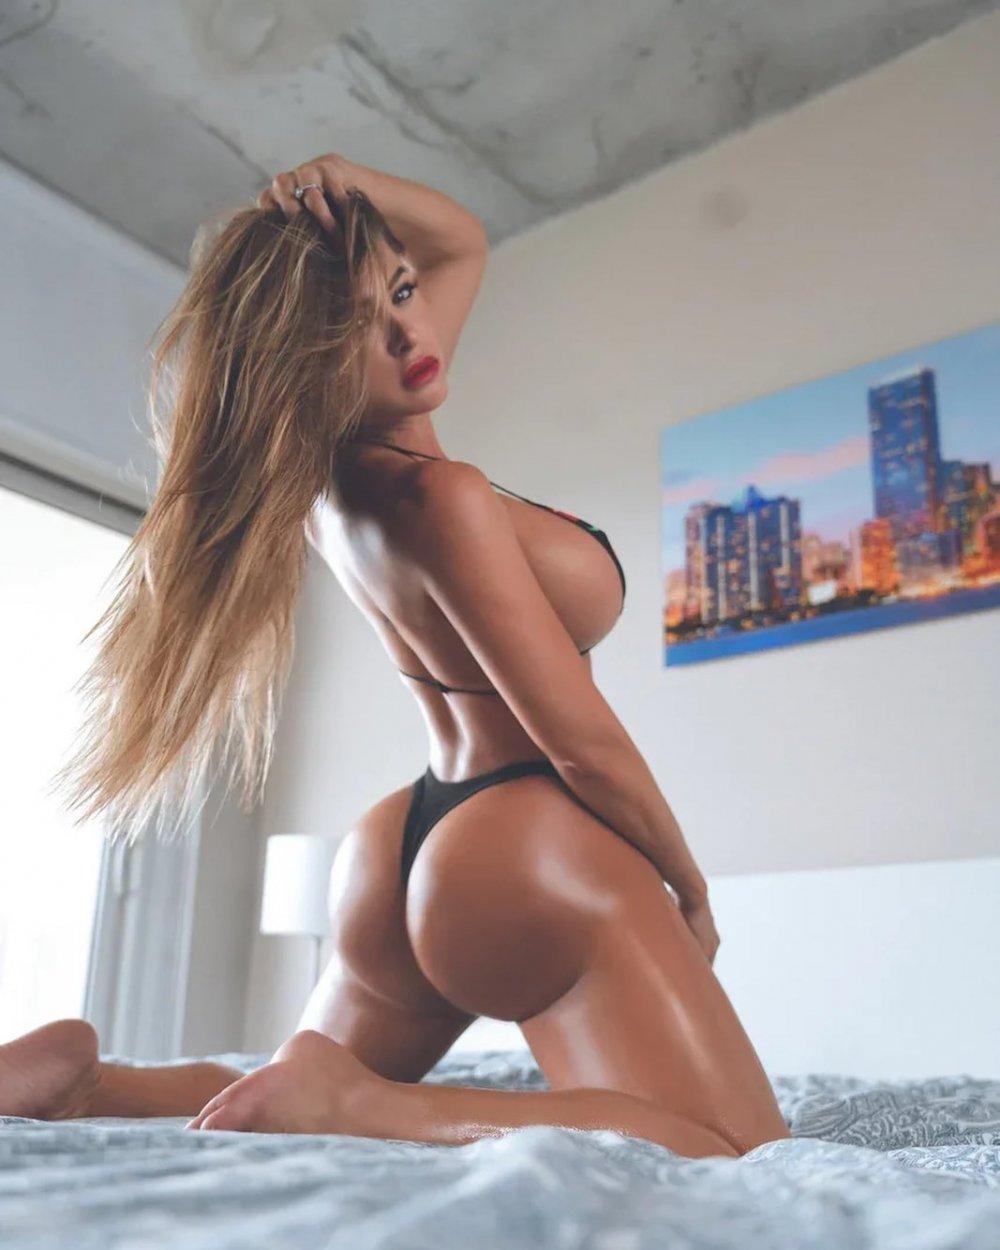 Розкута зірка Playboy збуджує фанів апетитними формами (ФОТО)